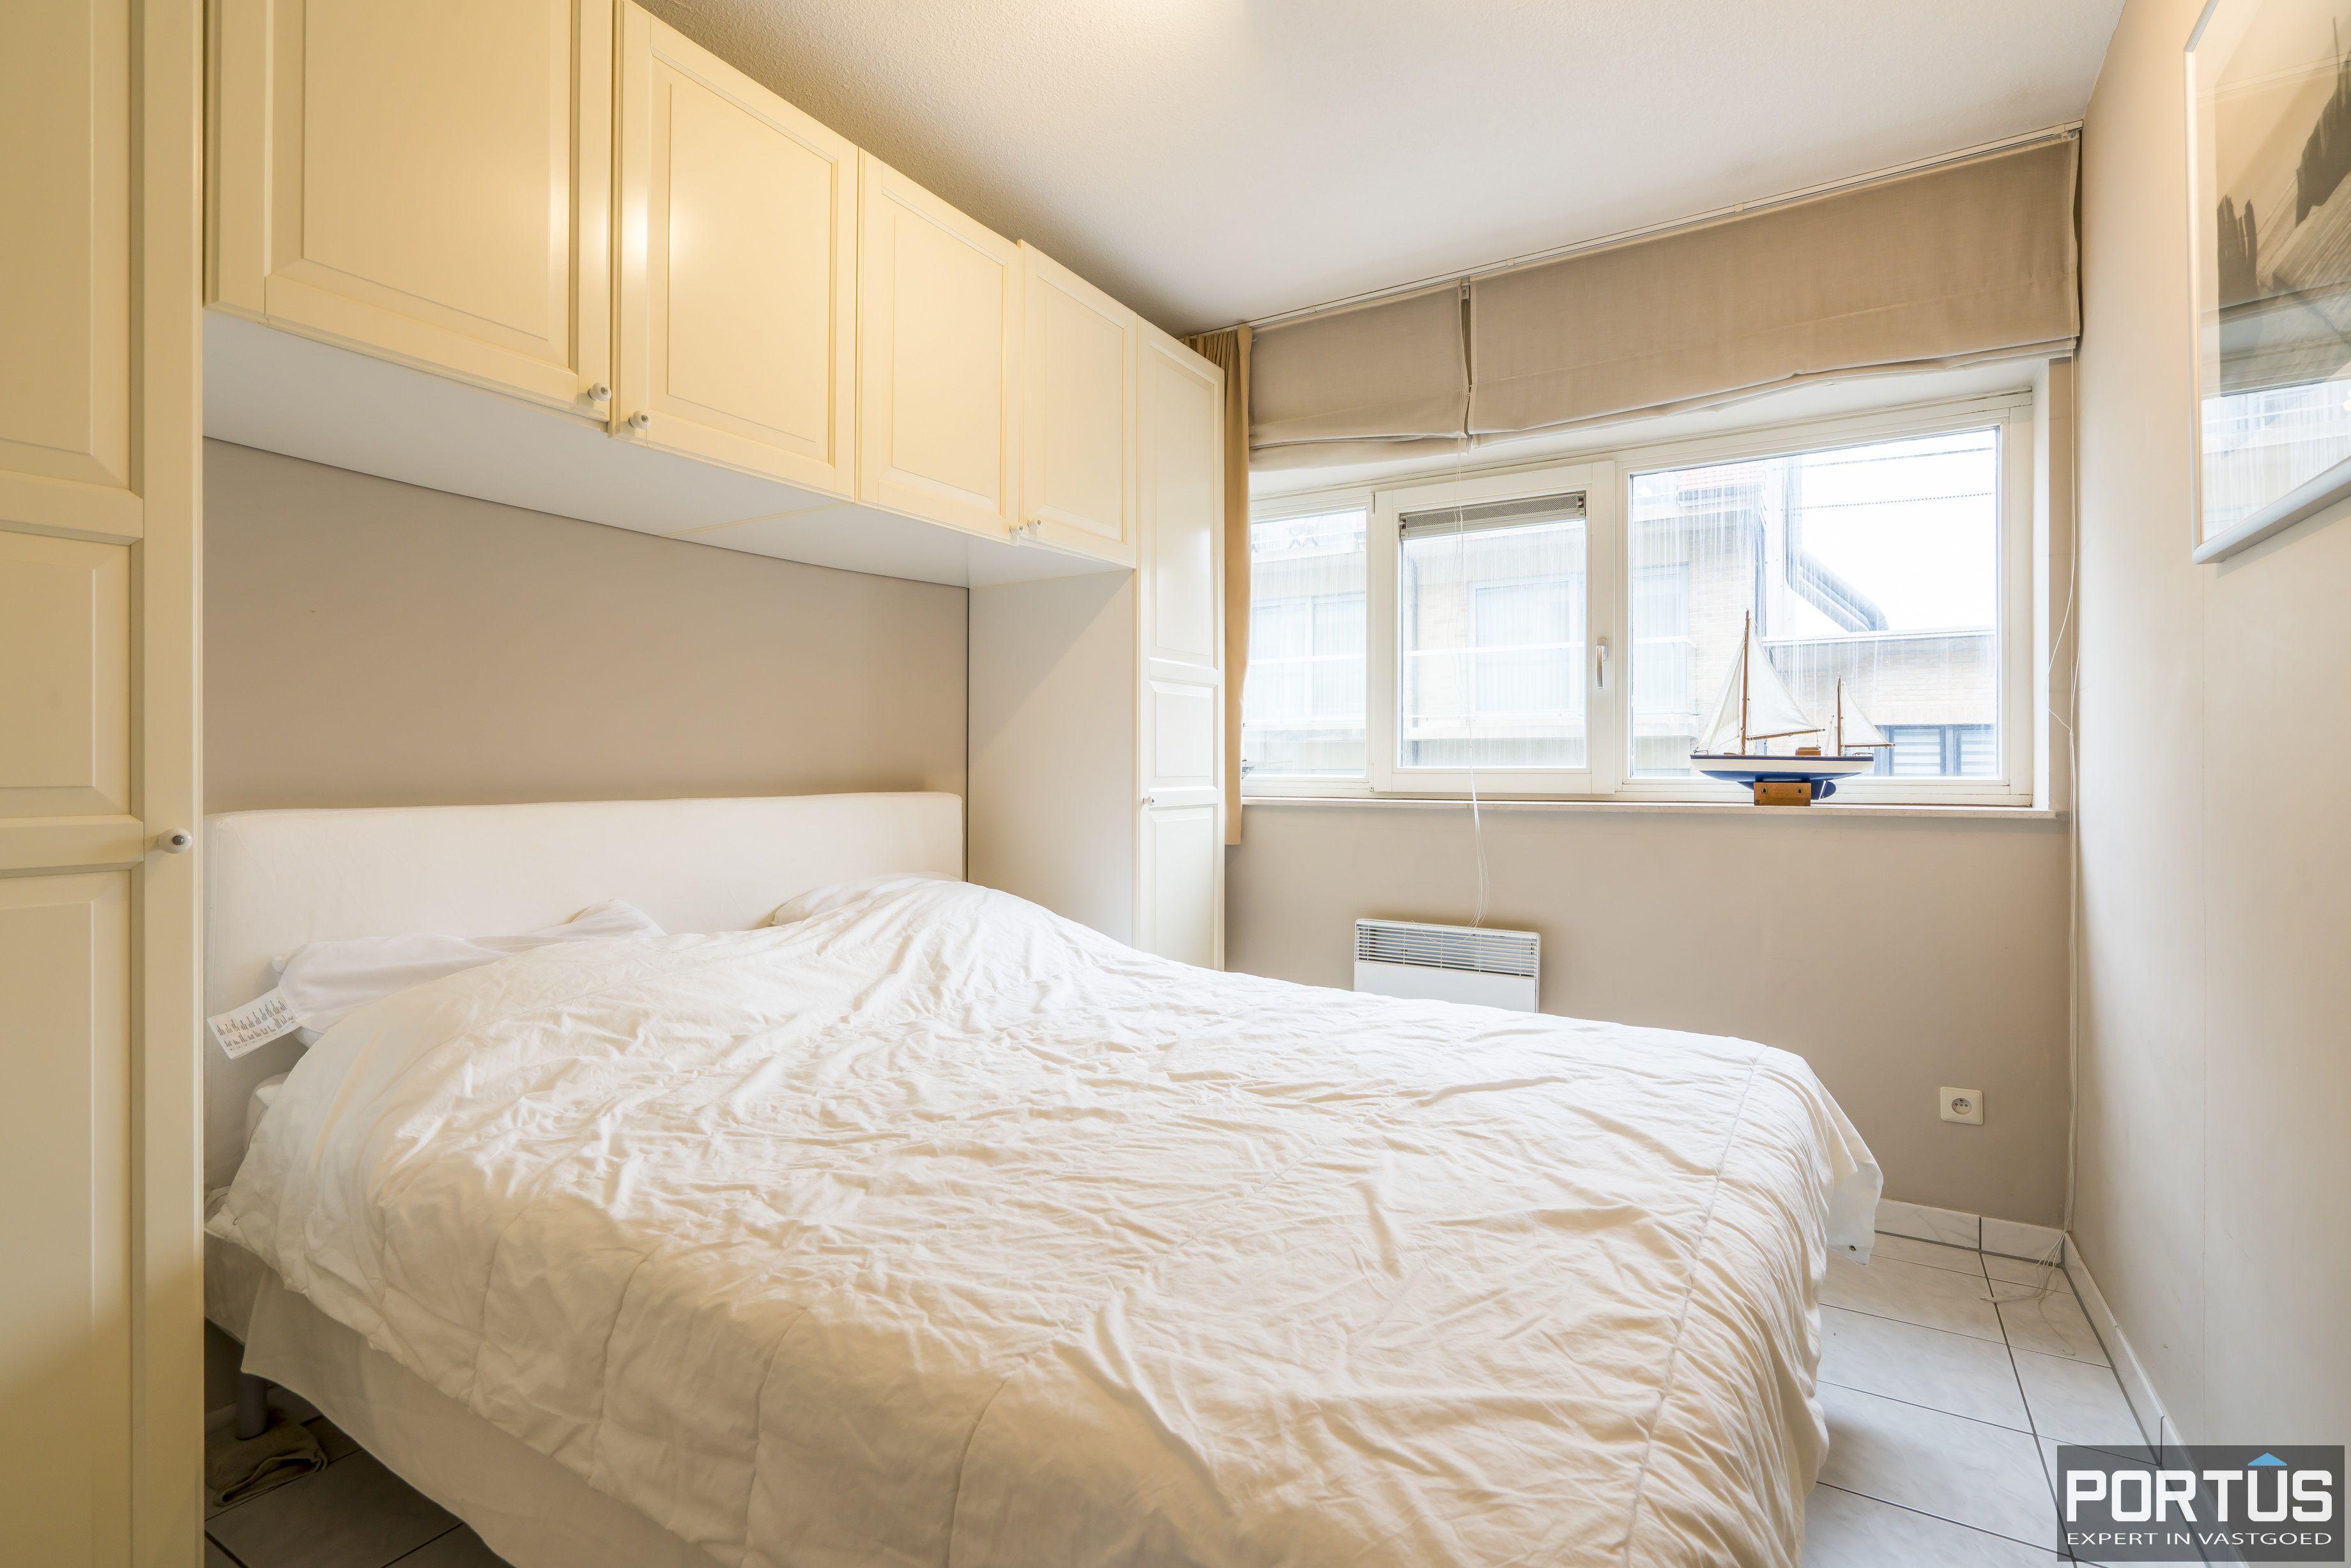 Instapklaar appartement met 2 slaapkamers te koop te Nieuwpoort - 12362